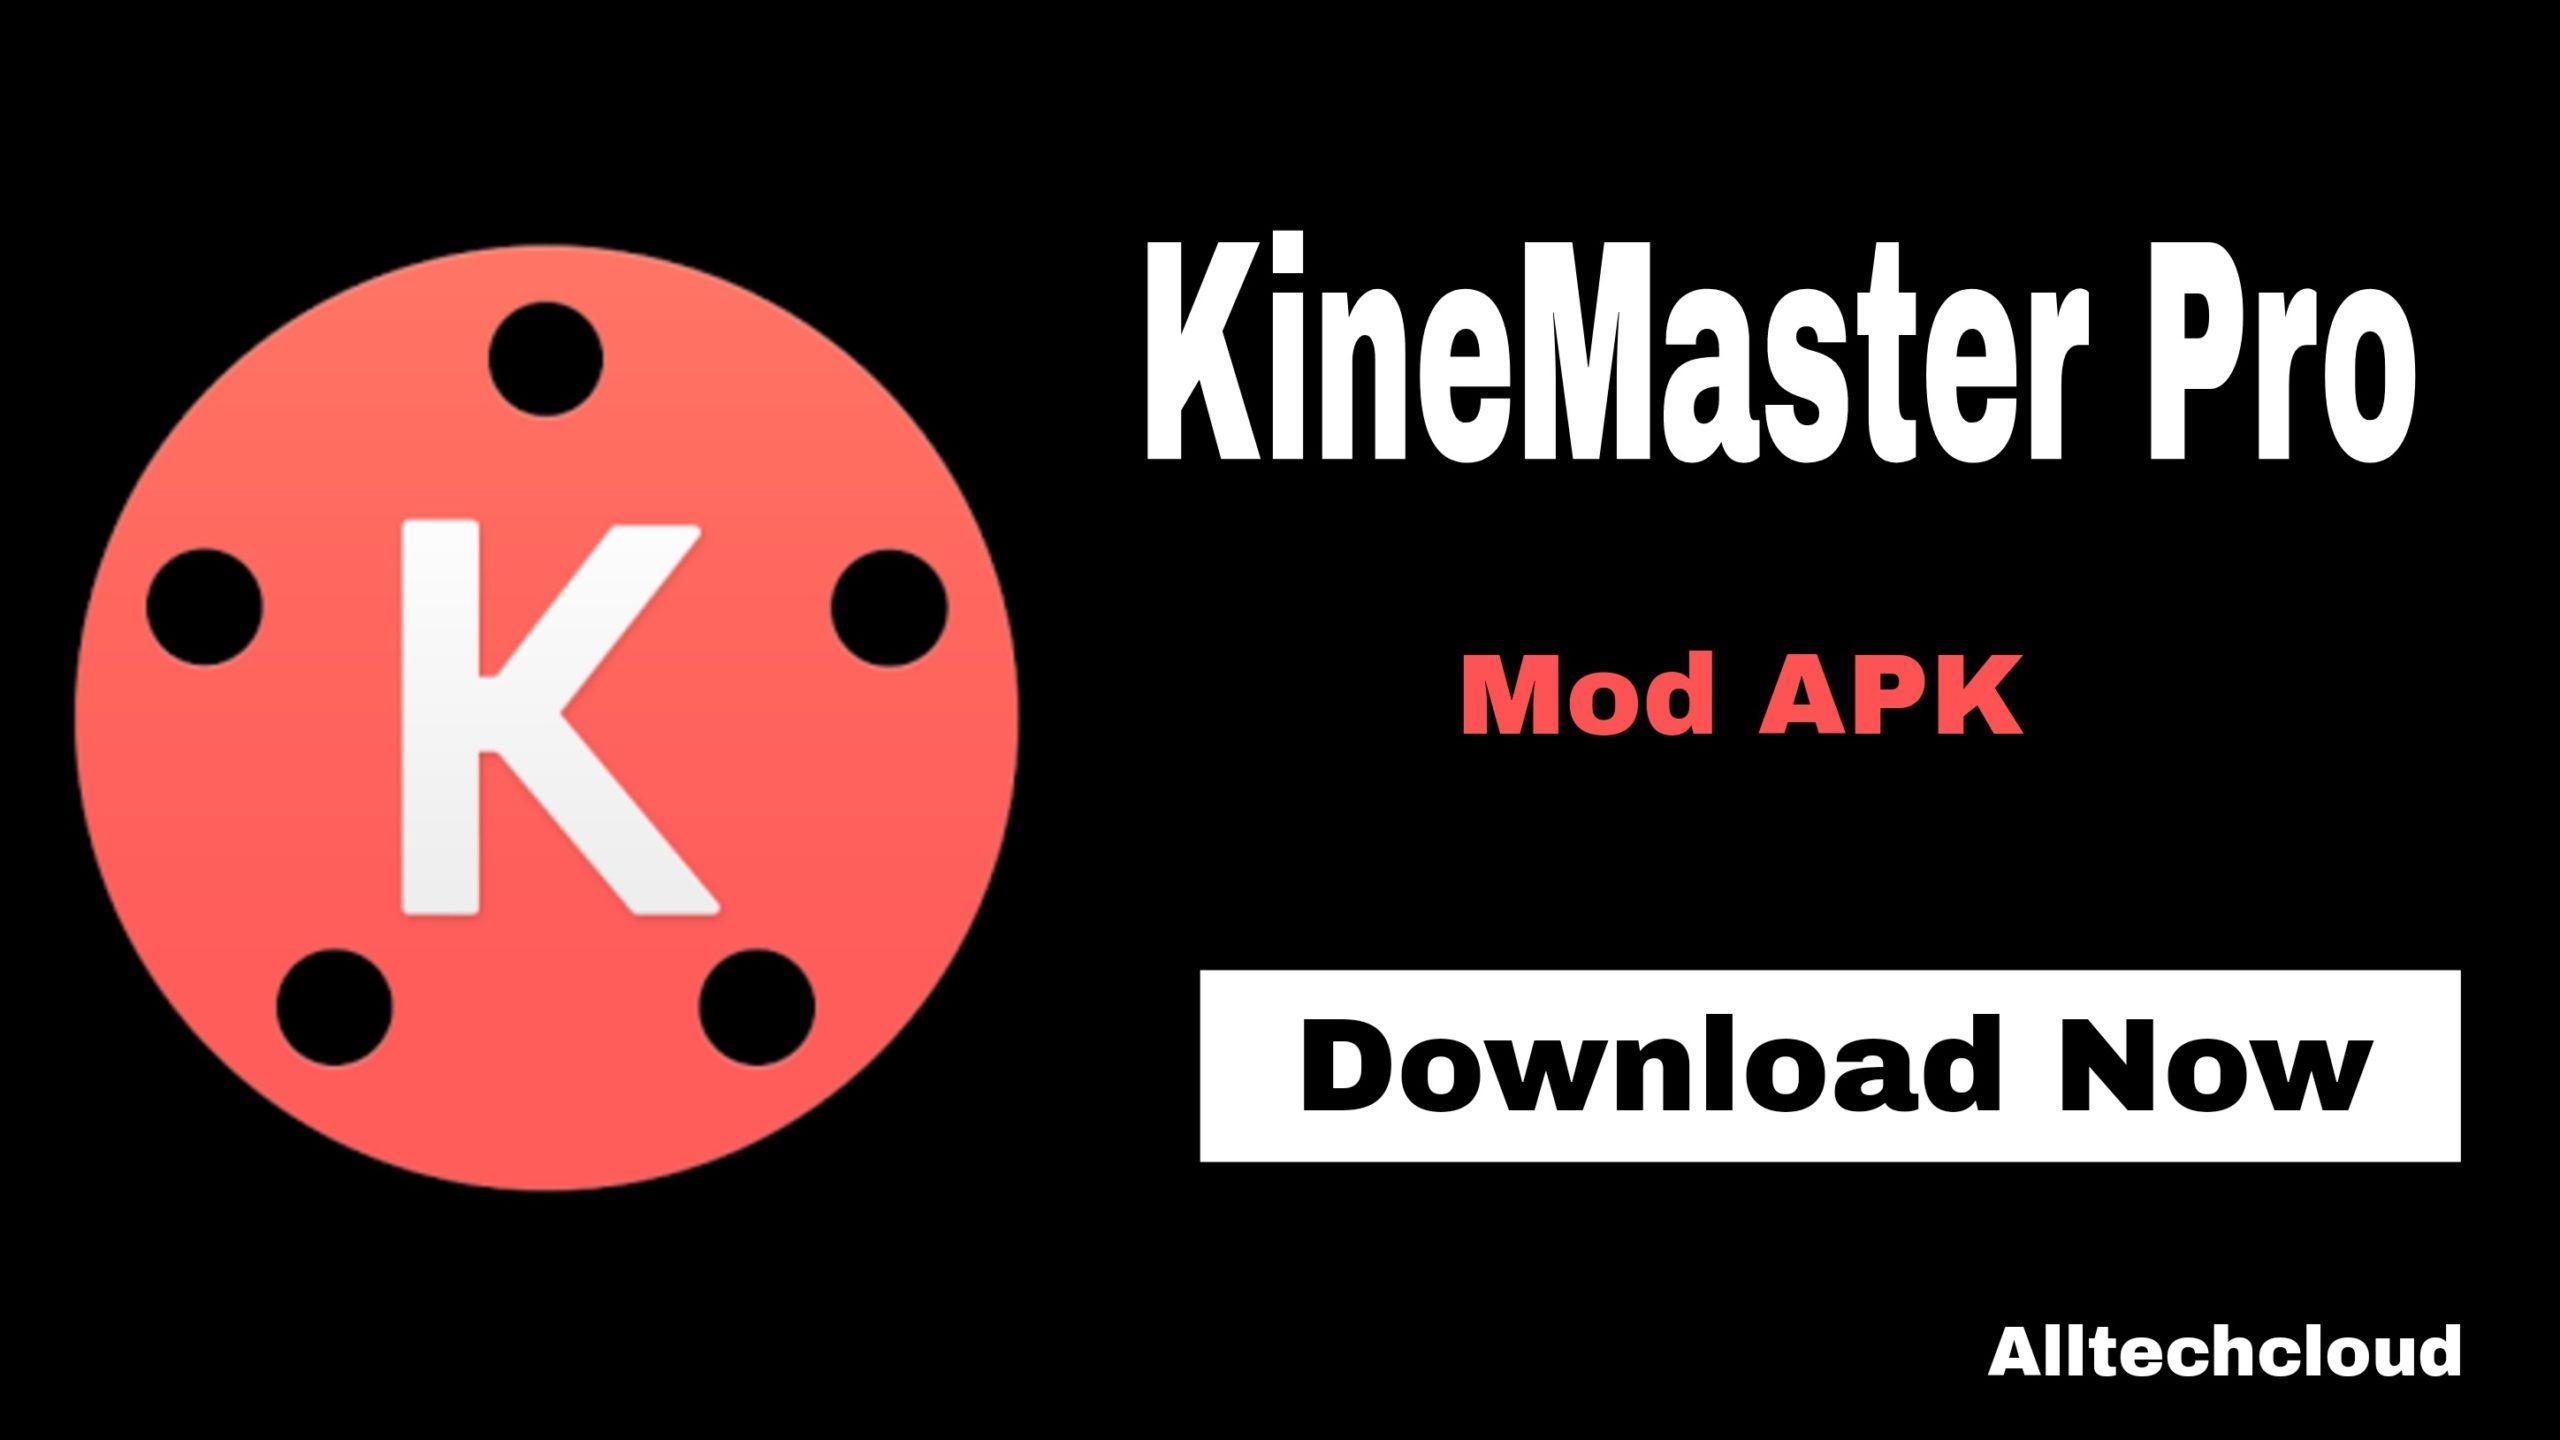 KineMaster Mod APK (v5.0.8) Download (No Watermark) July 2021